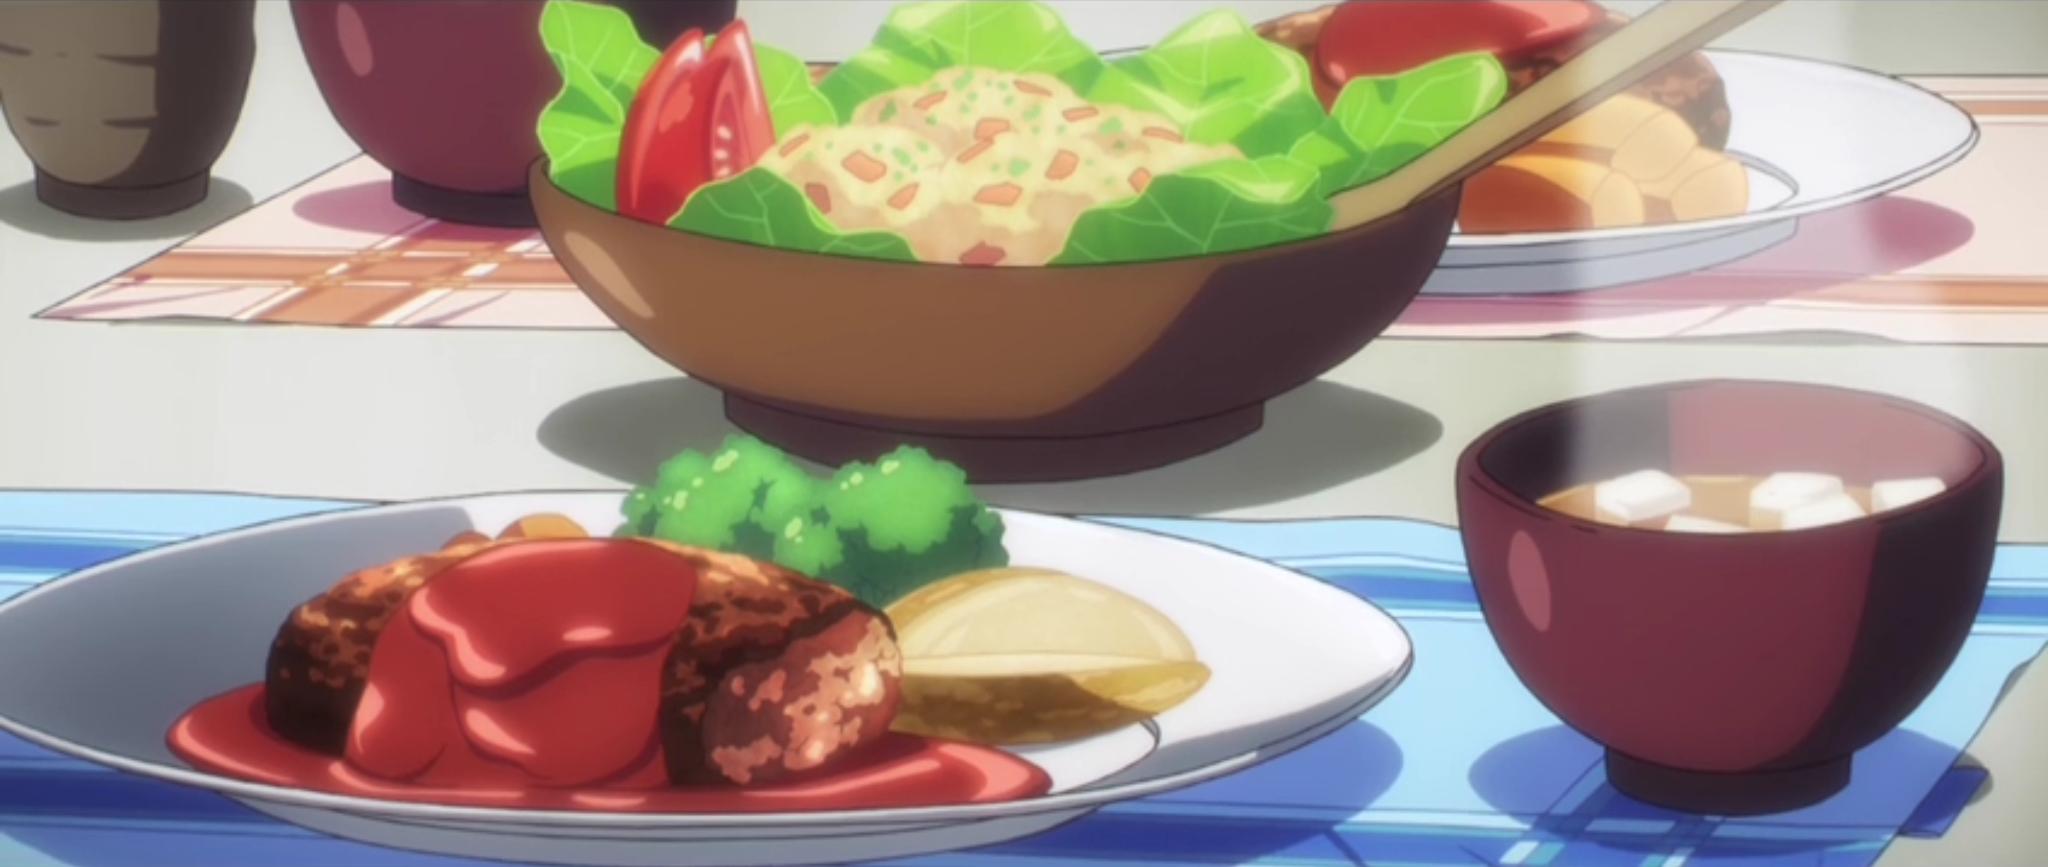 Erased-Dinner